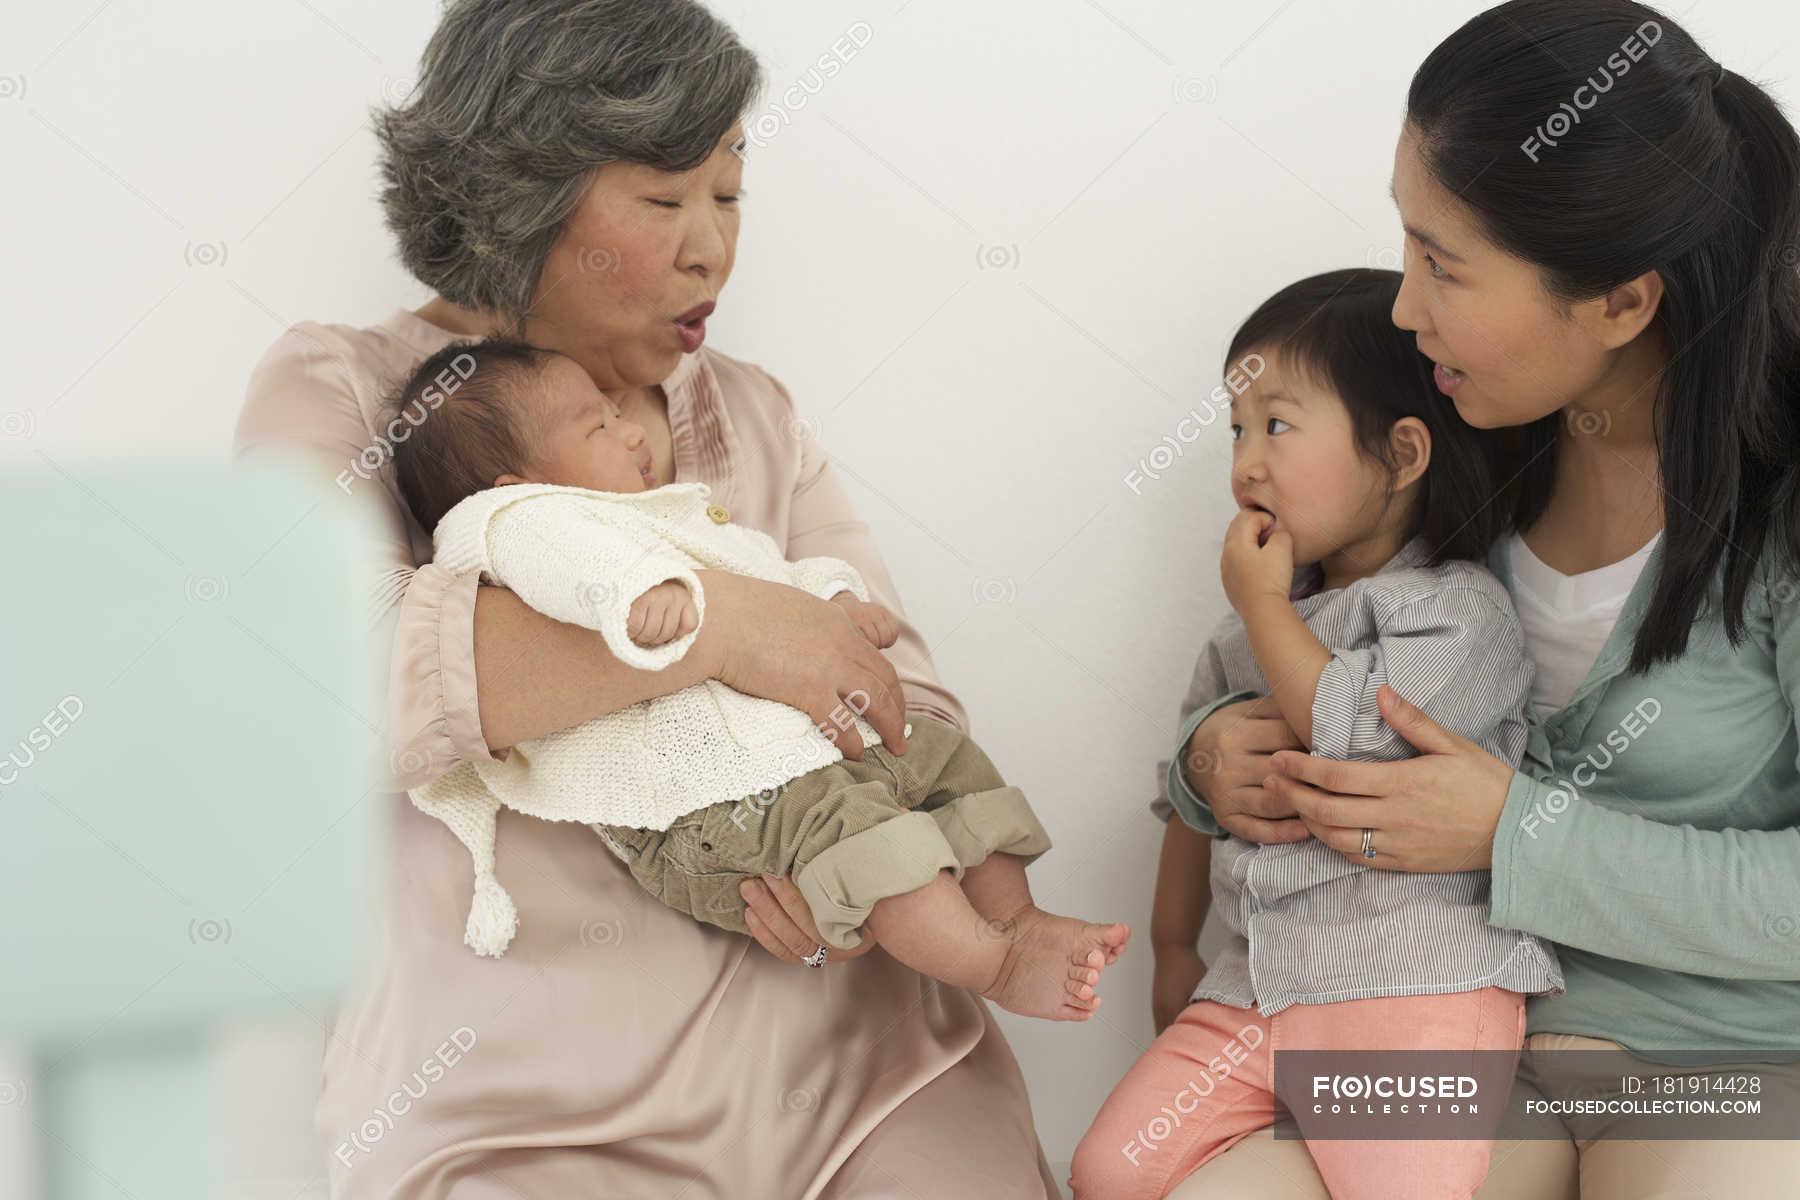 Японские шоу отец и дочь онлайн, Японское порно шоу отец должен отгадать дочь 8 фотография